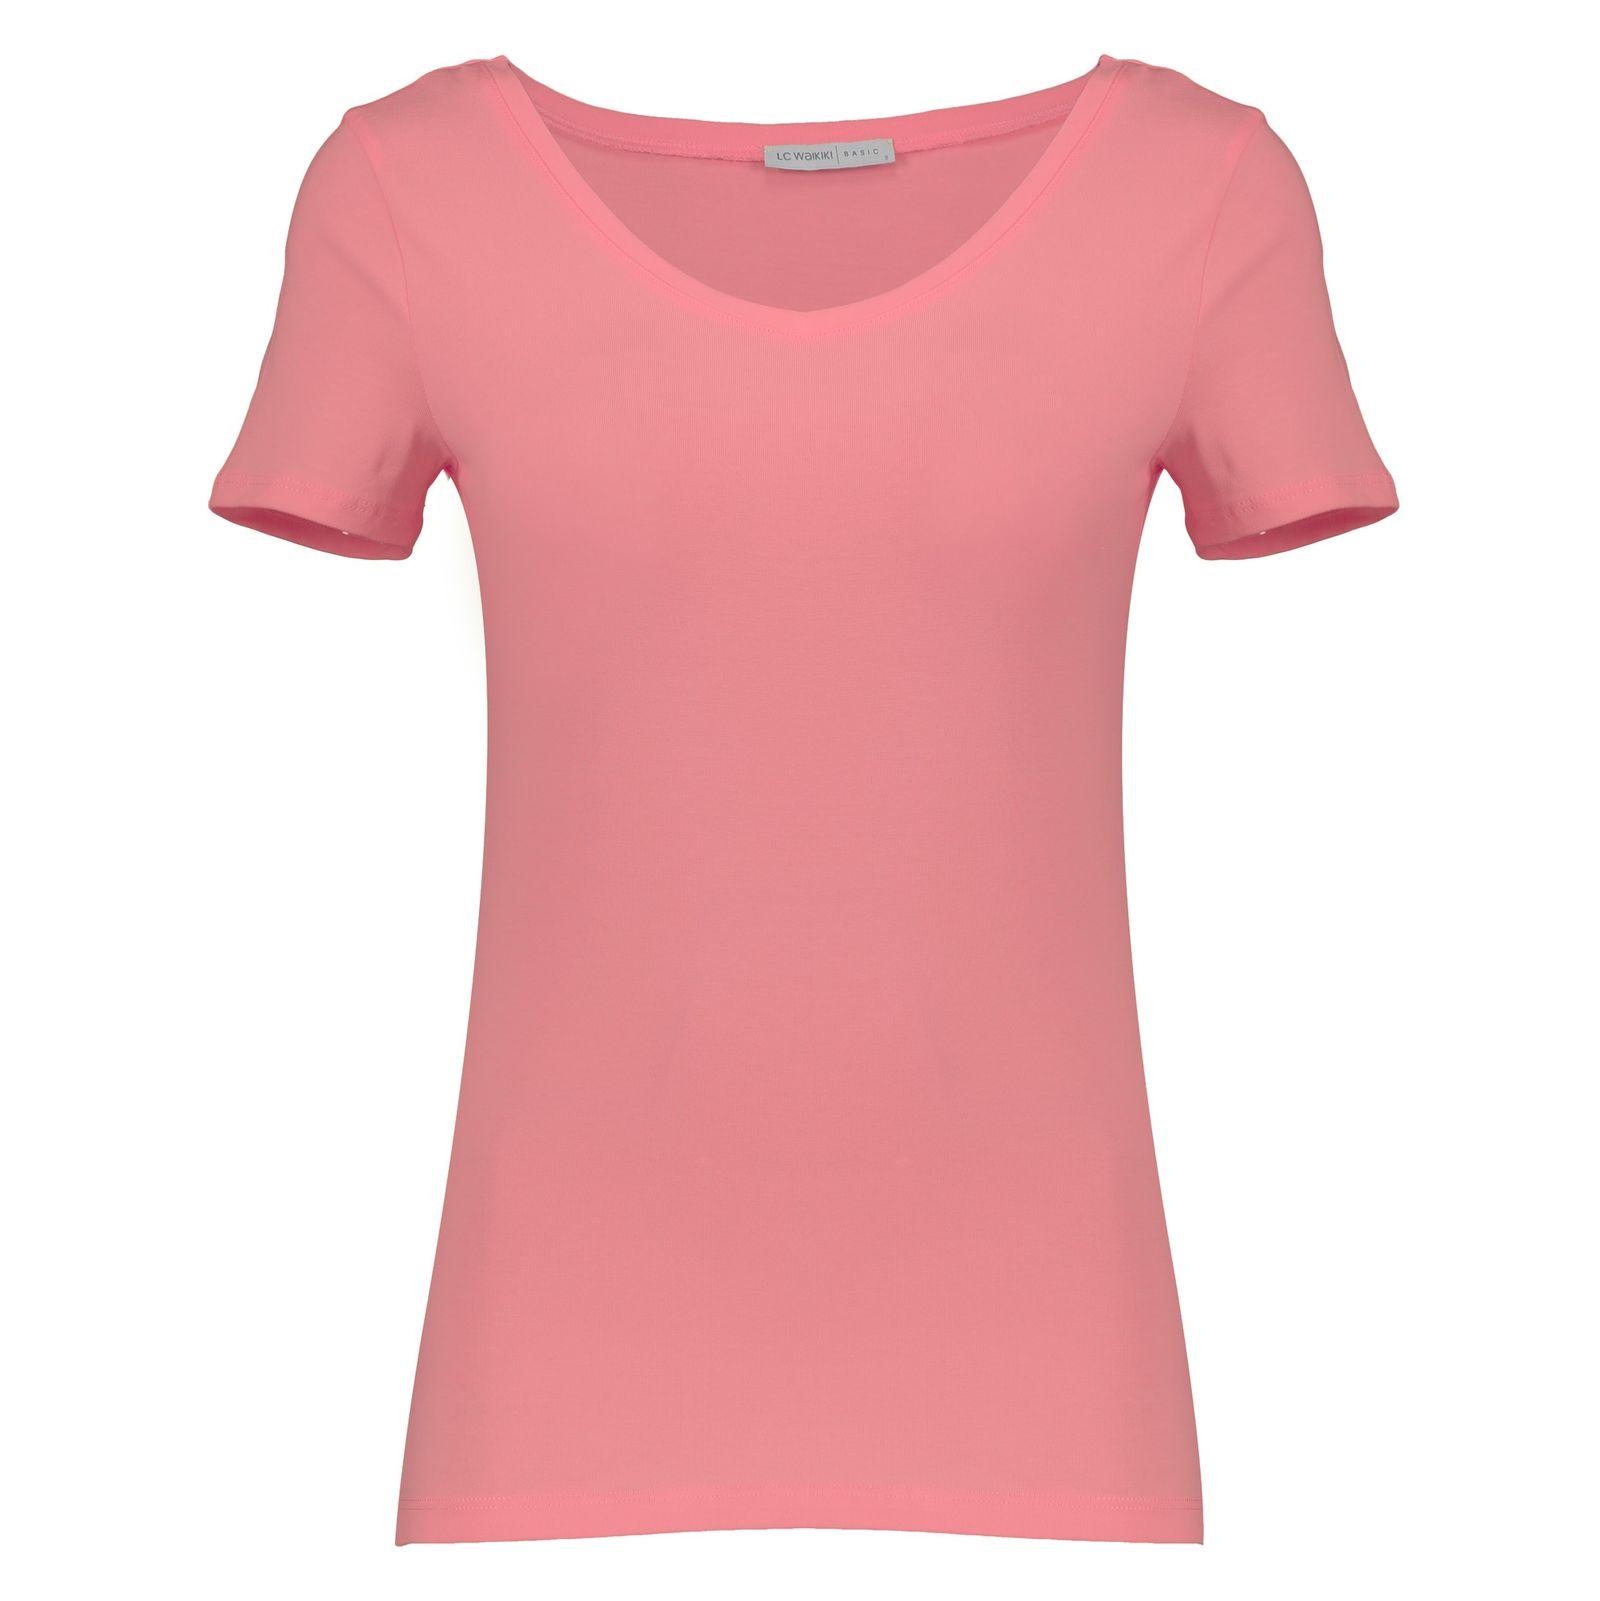 تی شرت زنانه ال سی وایکیکی مدل 9SK760Z8-L5K -  - 1